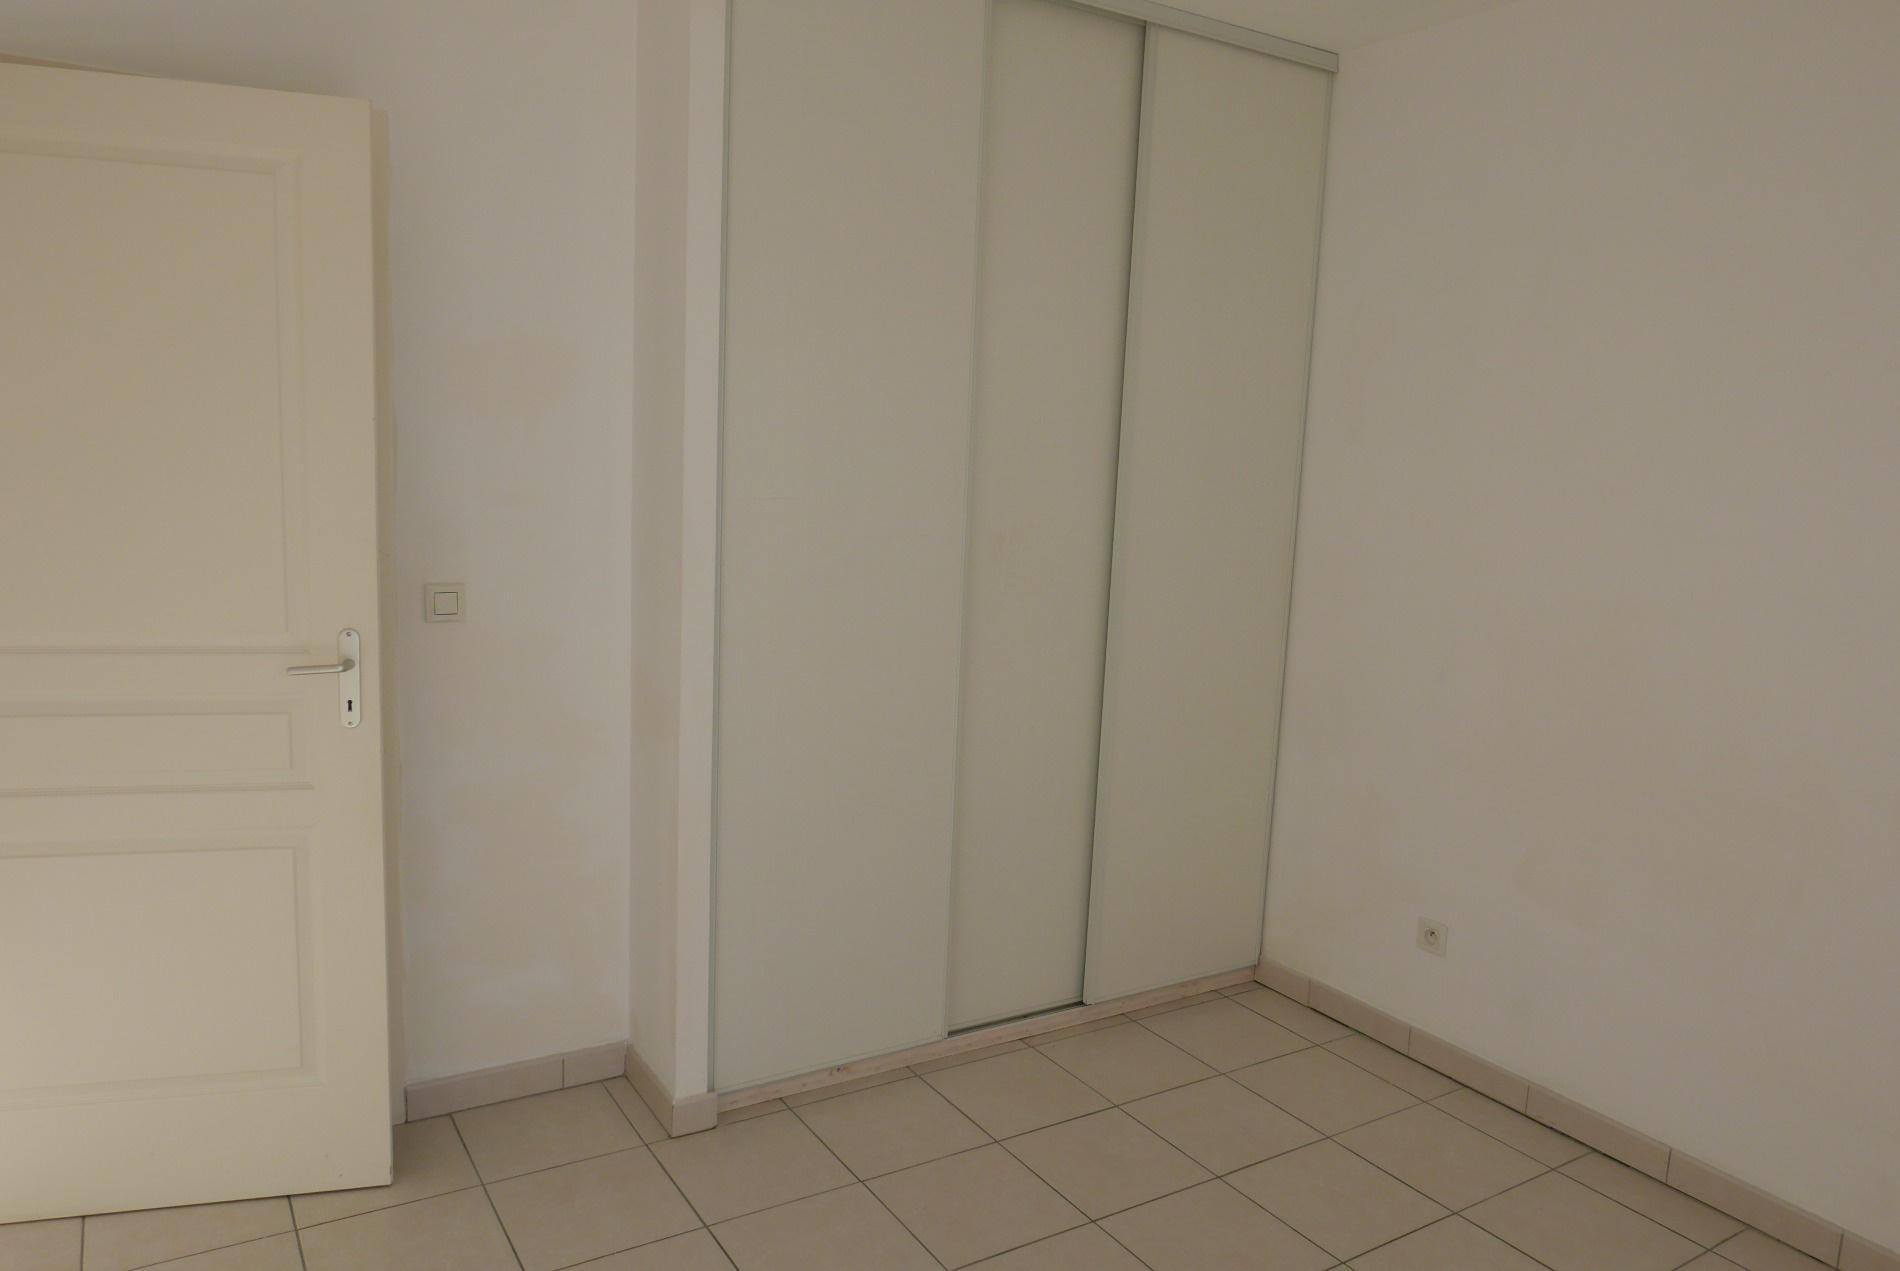 Placard chambre 2 etage